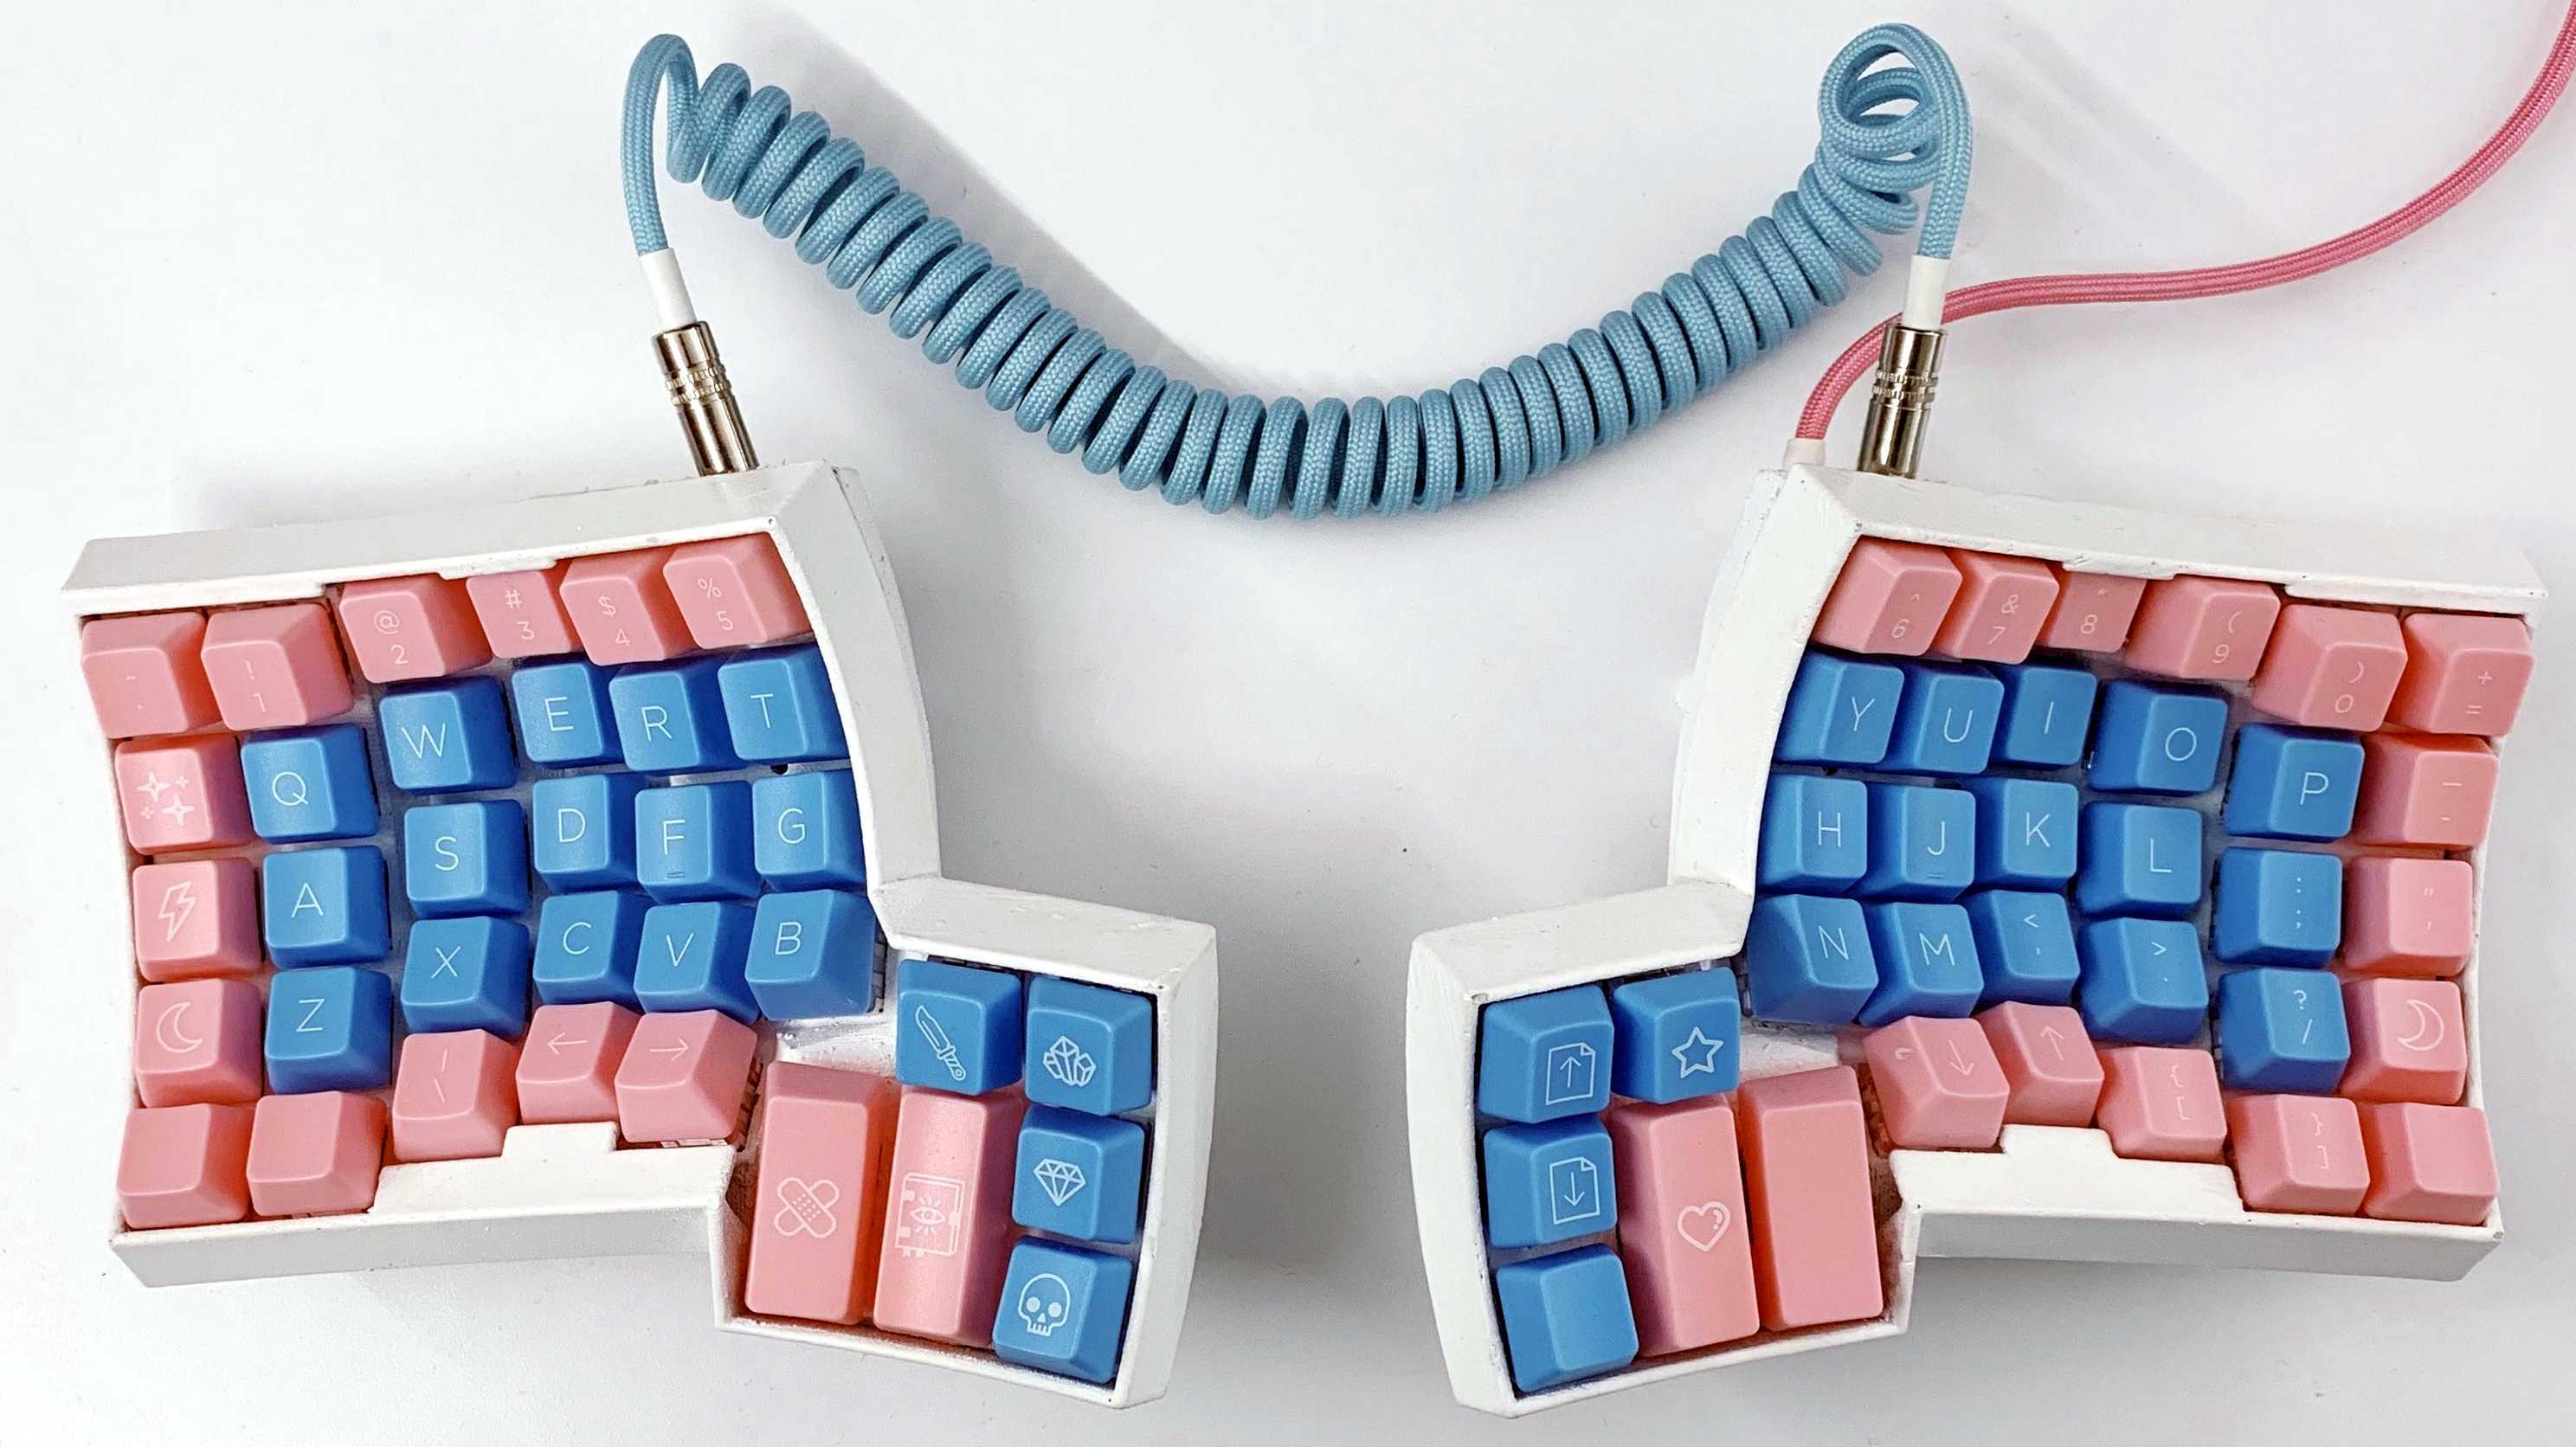 Mechanische Tastatur selbst bauen